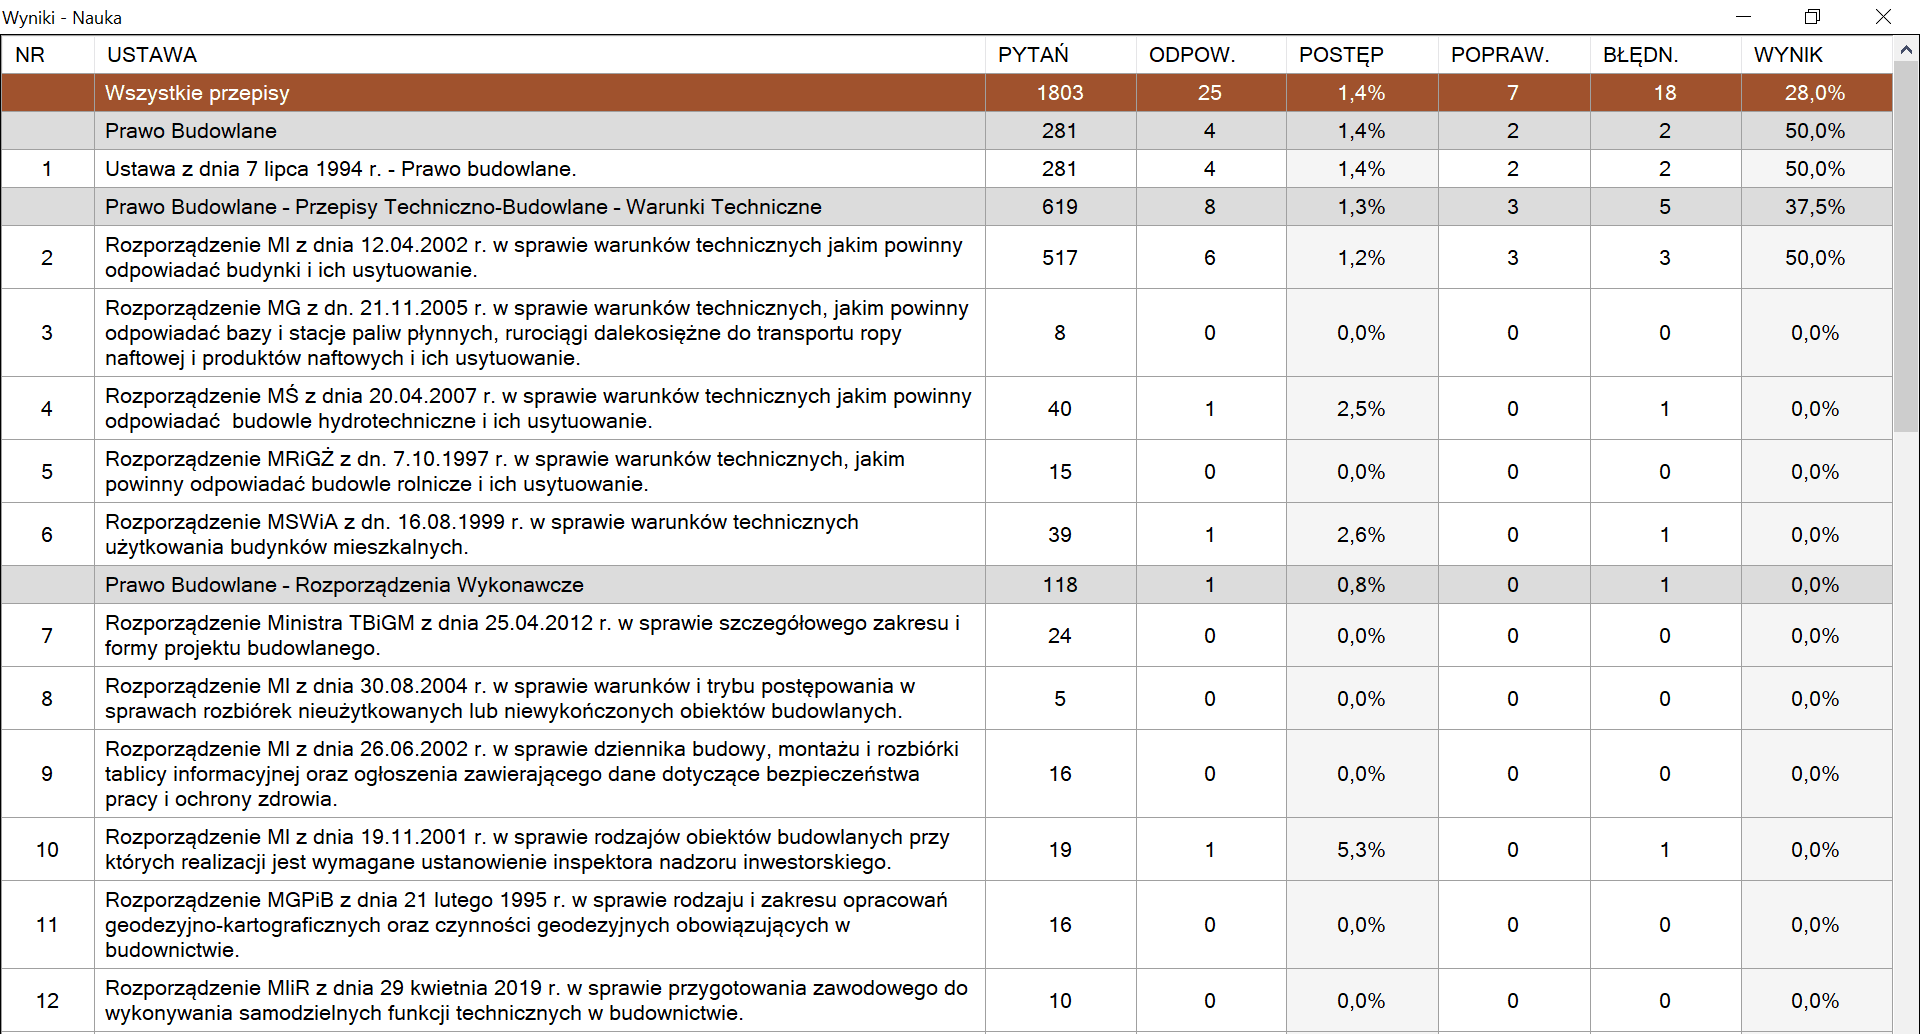 Przegląd wyników - Program Uprawnienia Budowlane